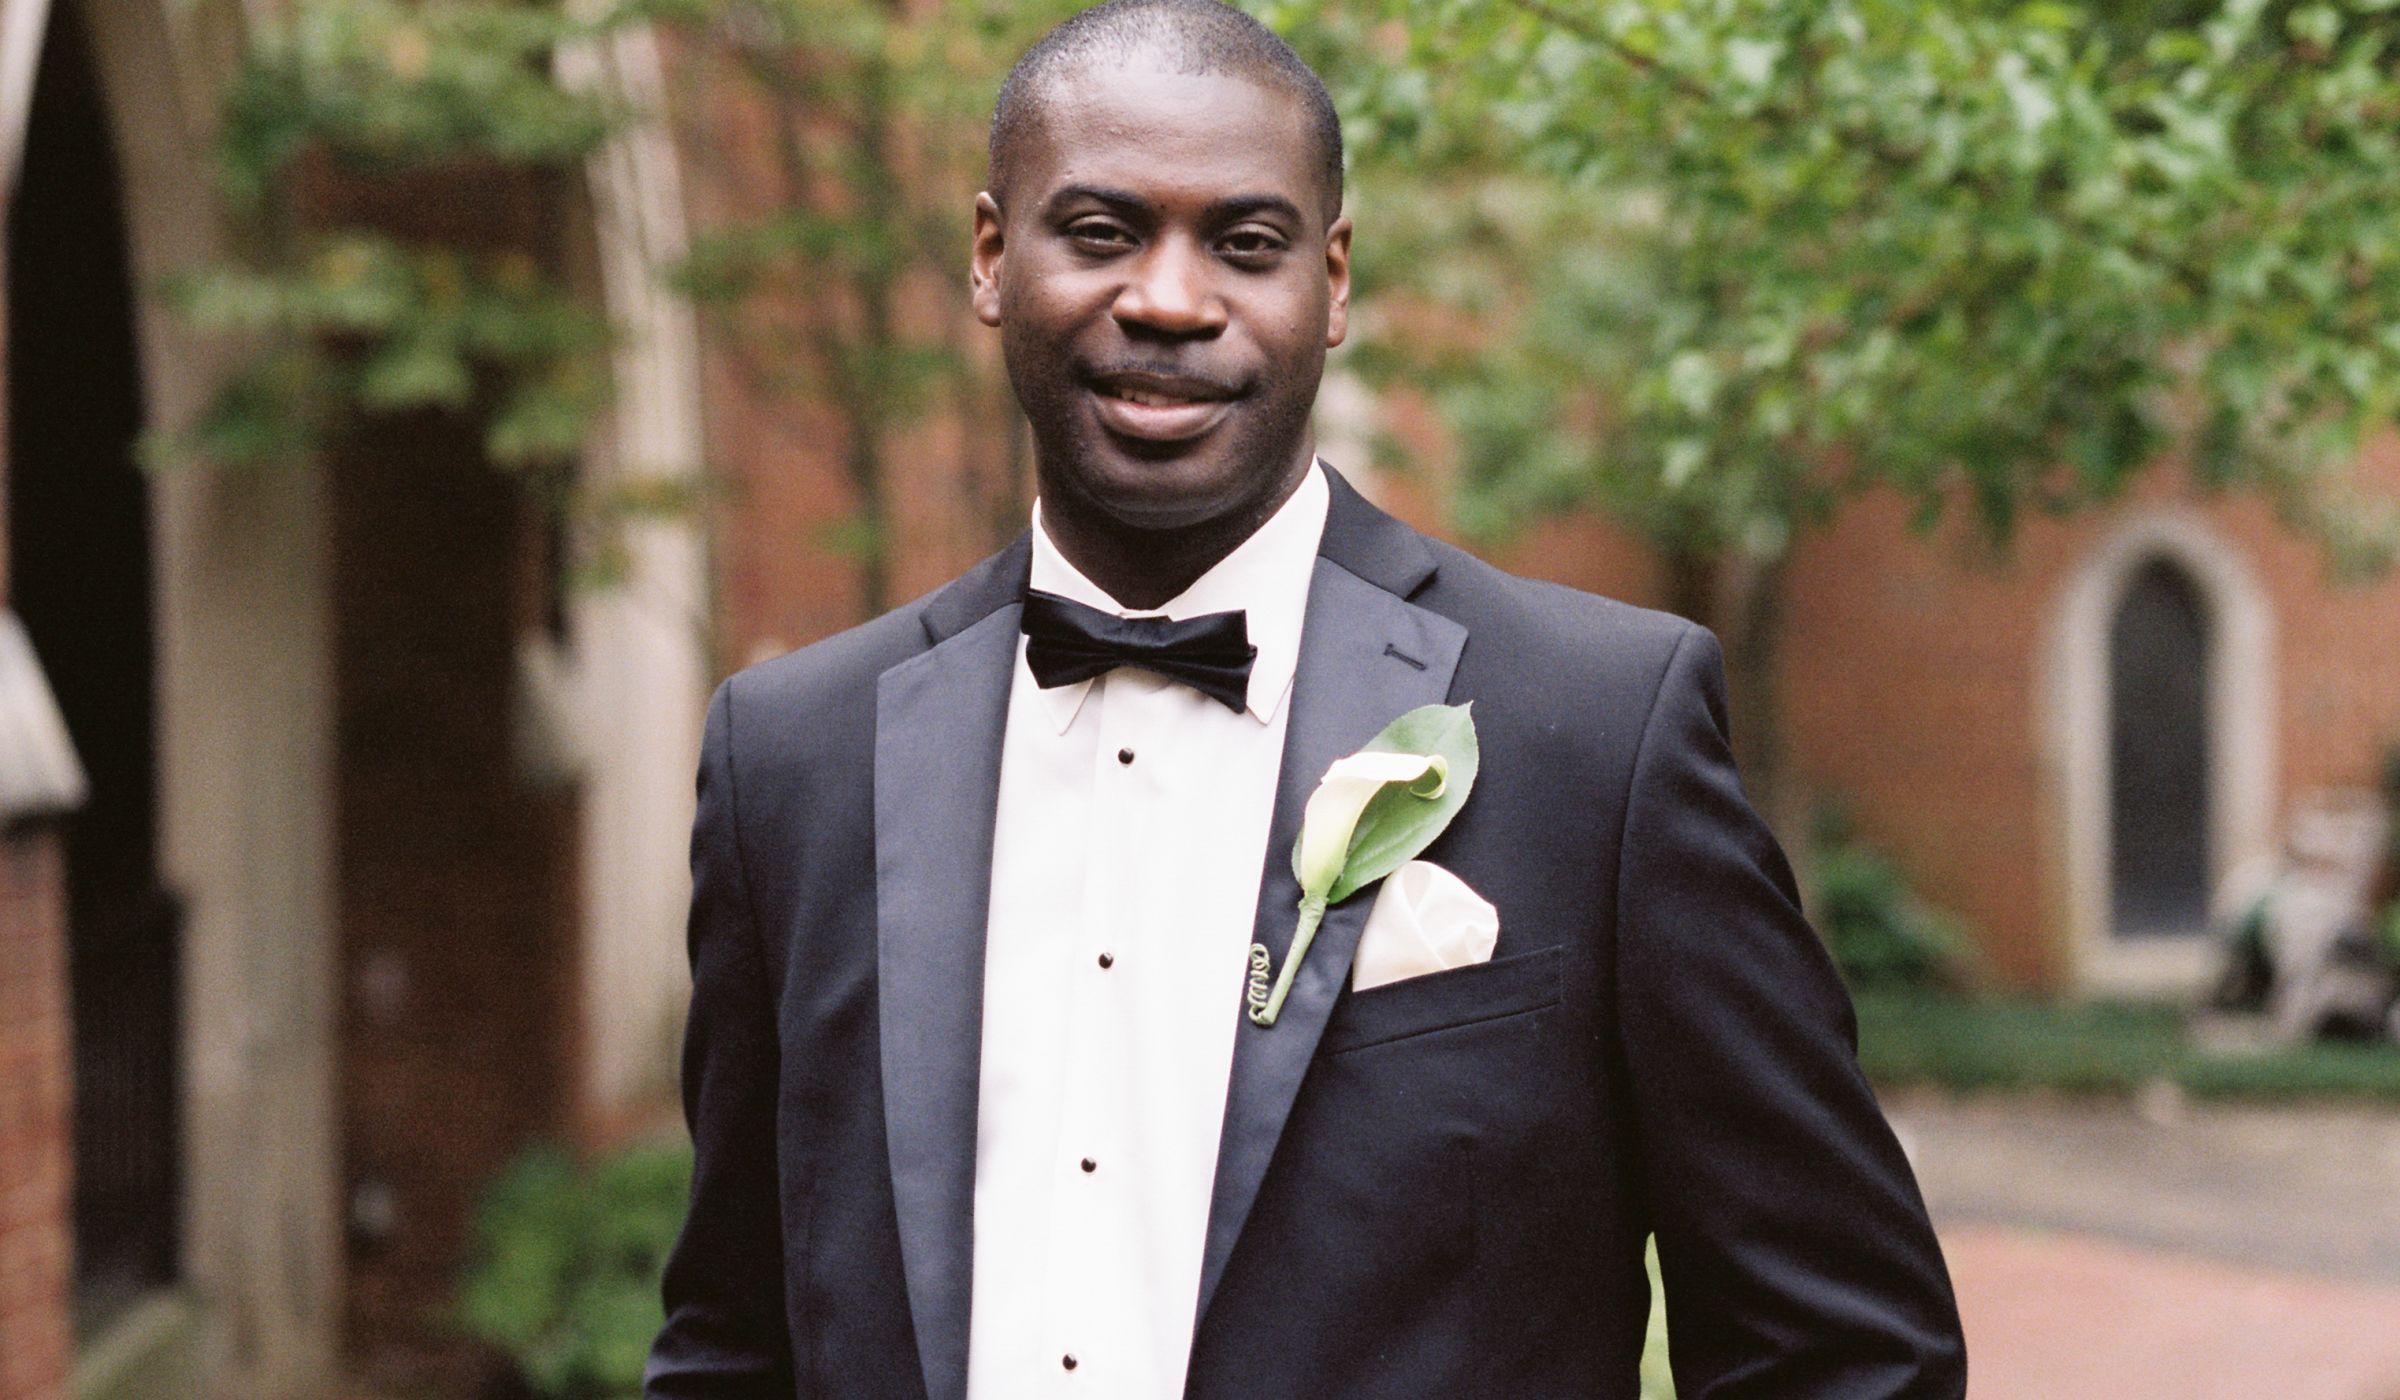 Renting vs buying your wedding tuxedo weddingwire for Renting vs buying wedding dress